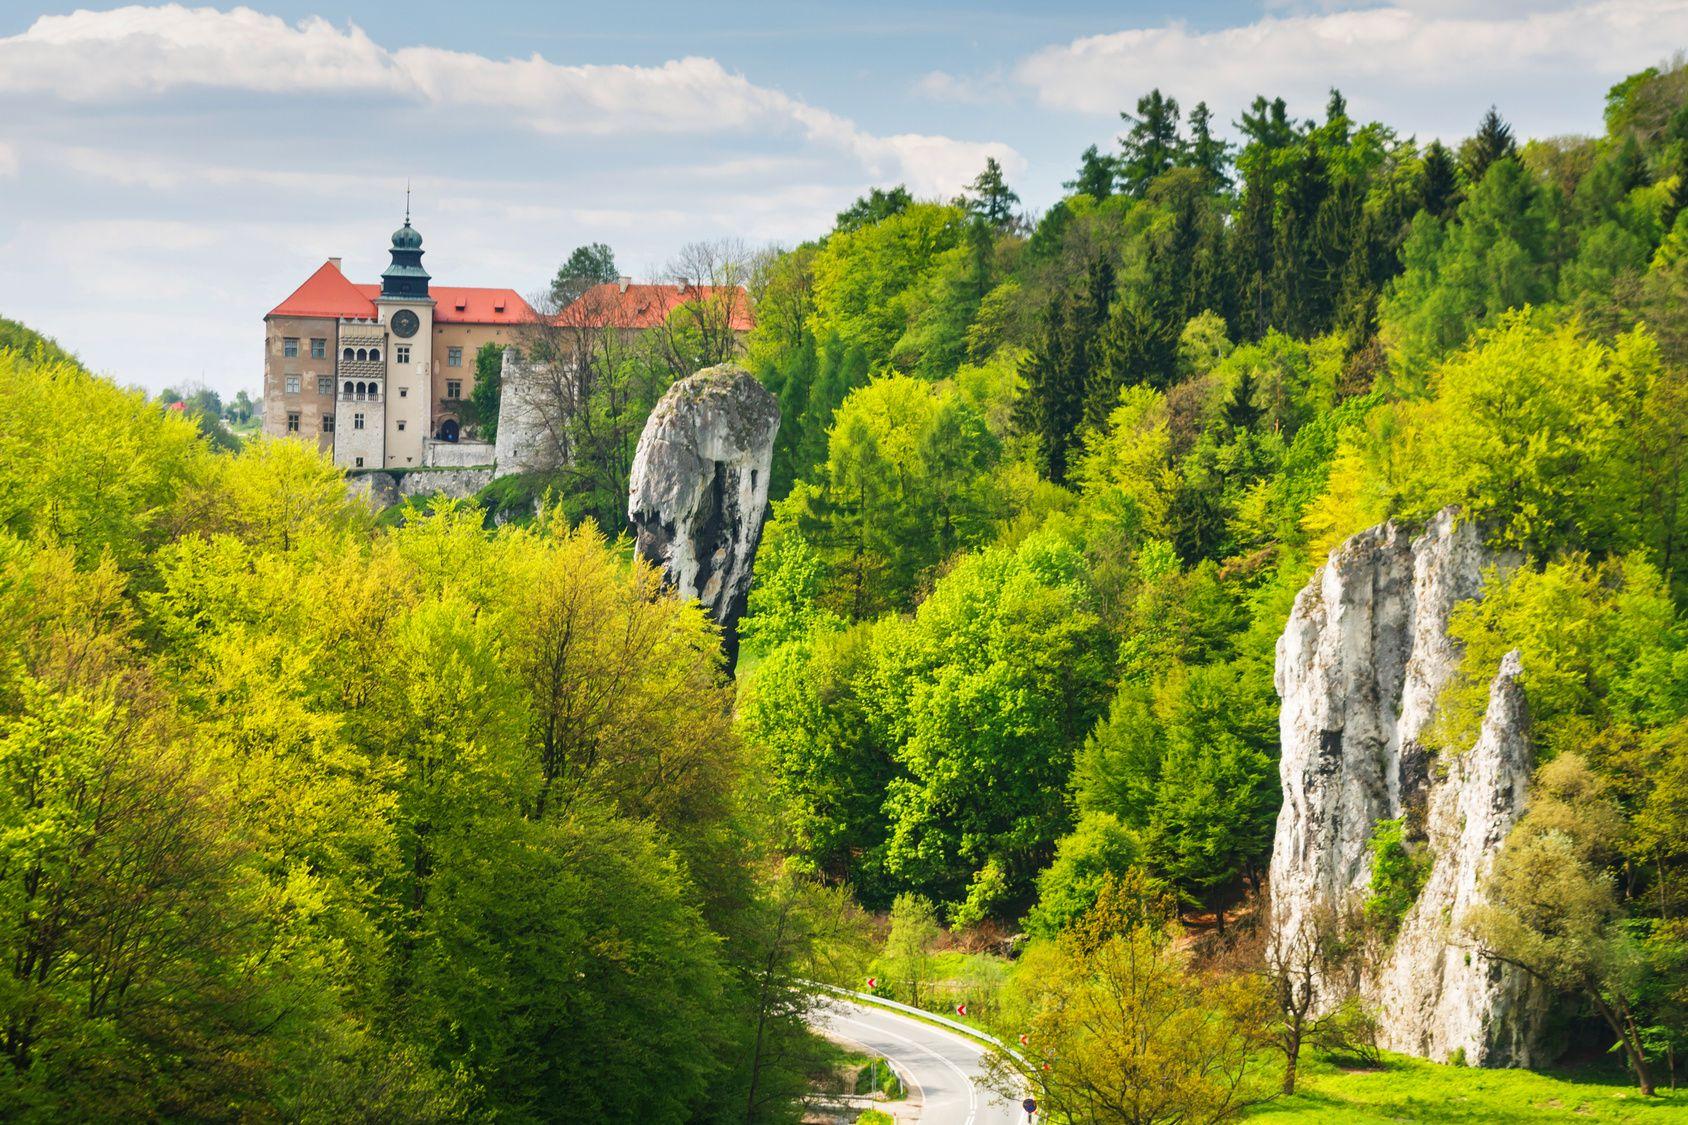 Pieskowa Skala Castle, Ojcow